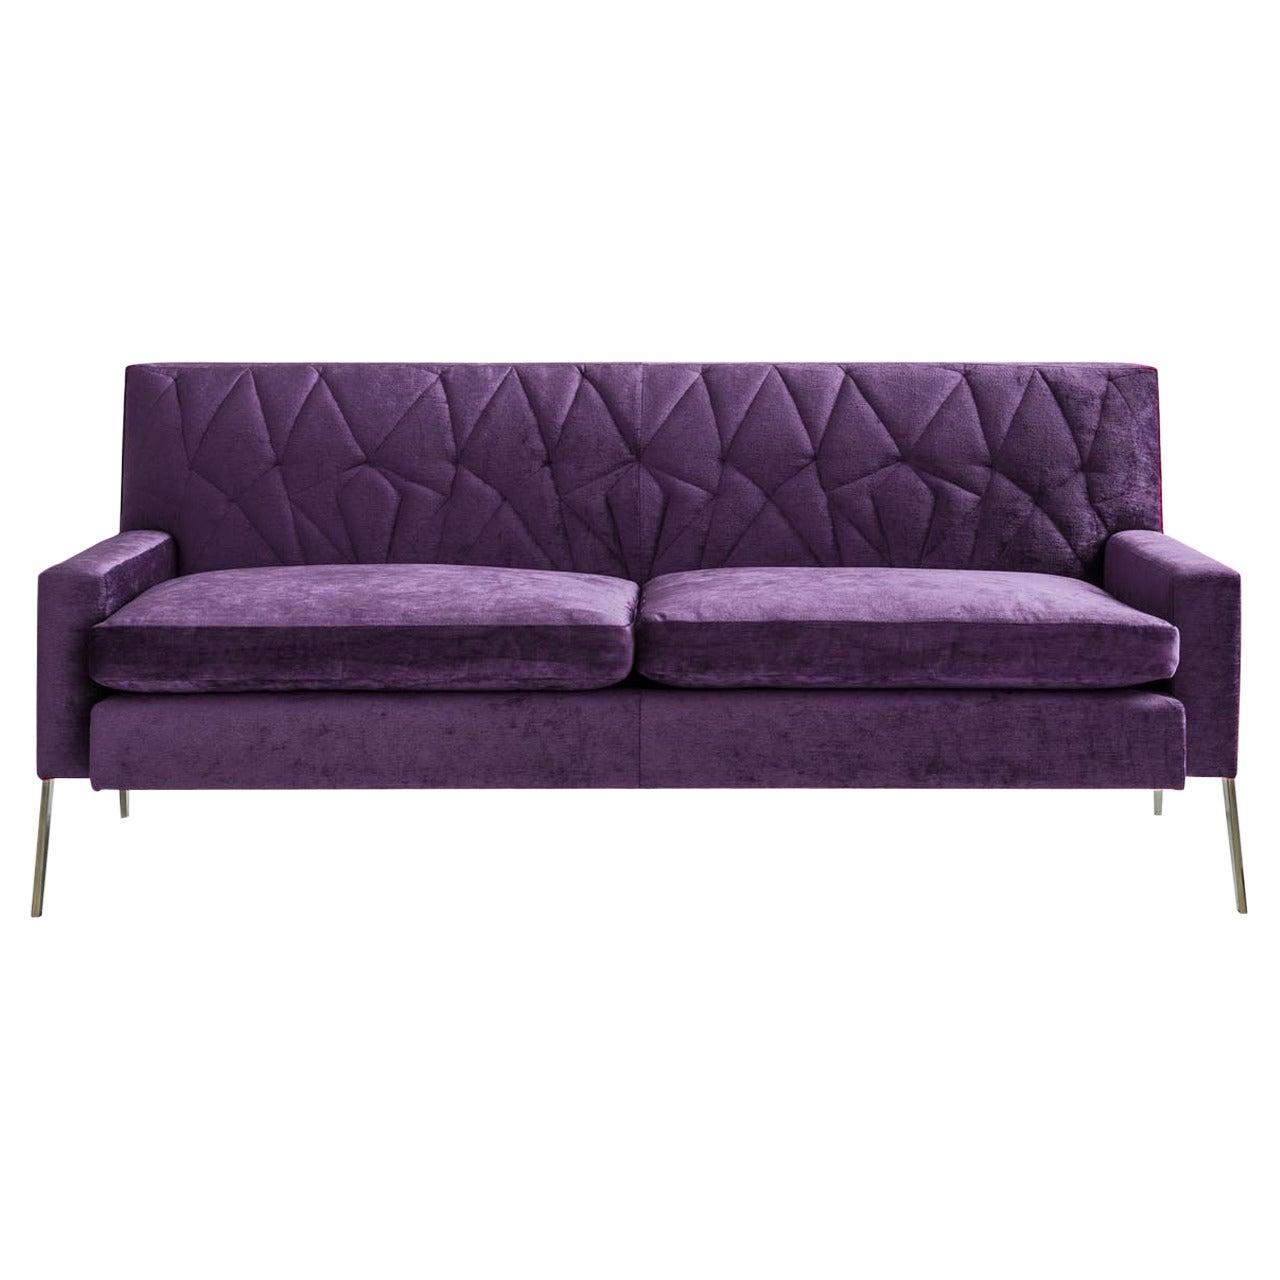 Mayweather Settee 2.0, Tufted Back in Violet Linen Velvet & Nickel Legs COM